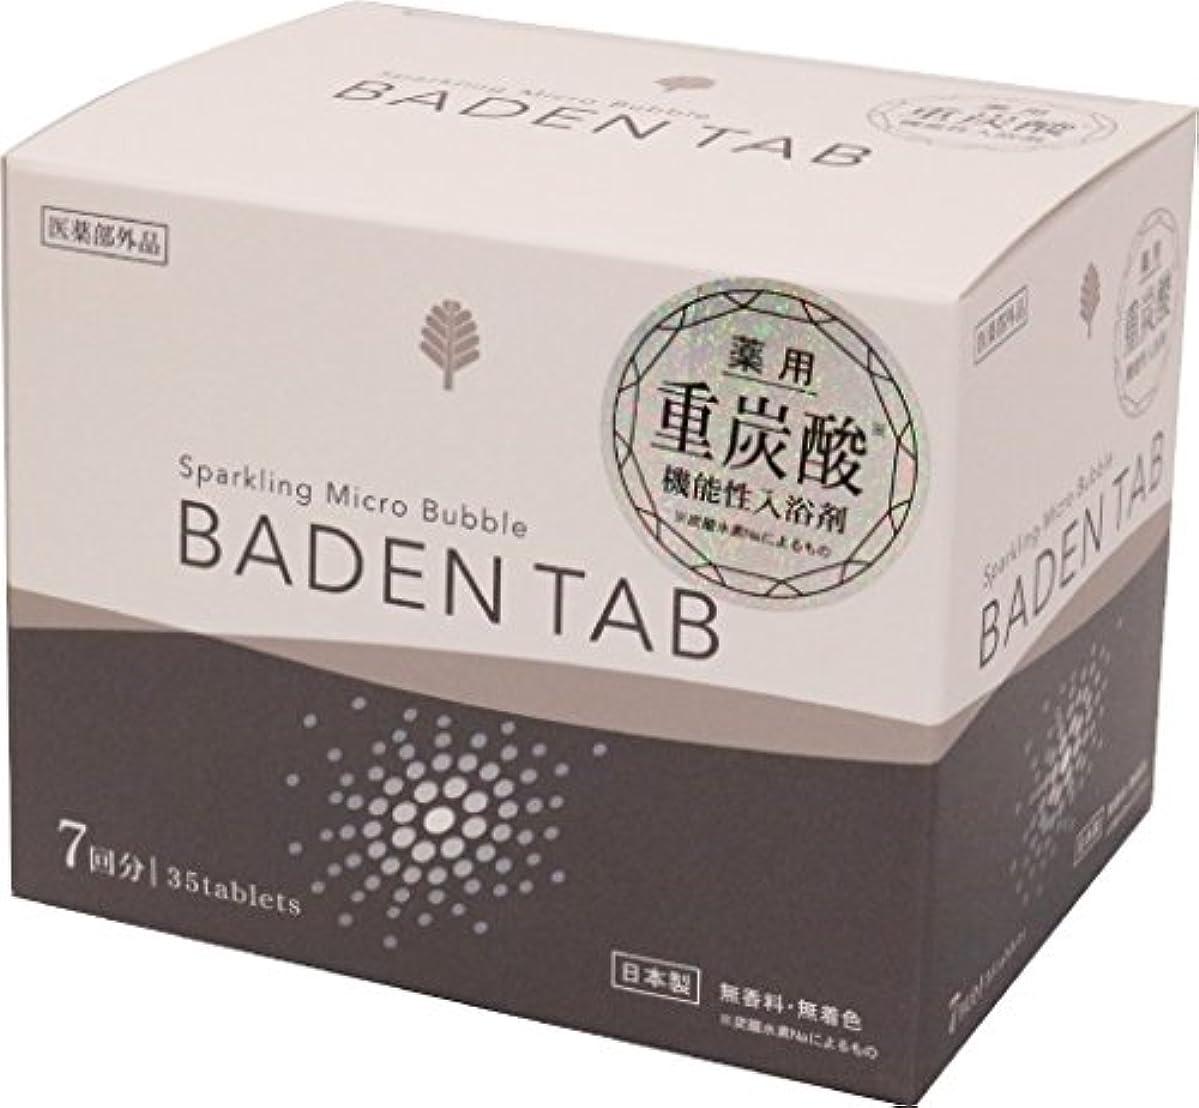 学習毛皮贅沢な日本製 made in japan 薬用BadenTab5錠7パック15gx35錠入 BT-8756 【まとめ買い6個セット】